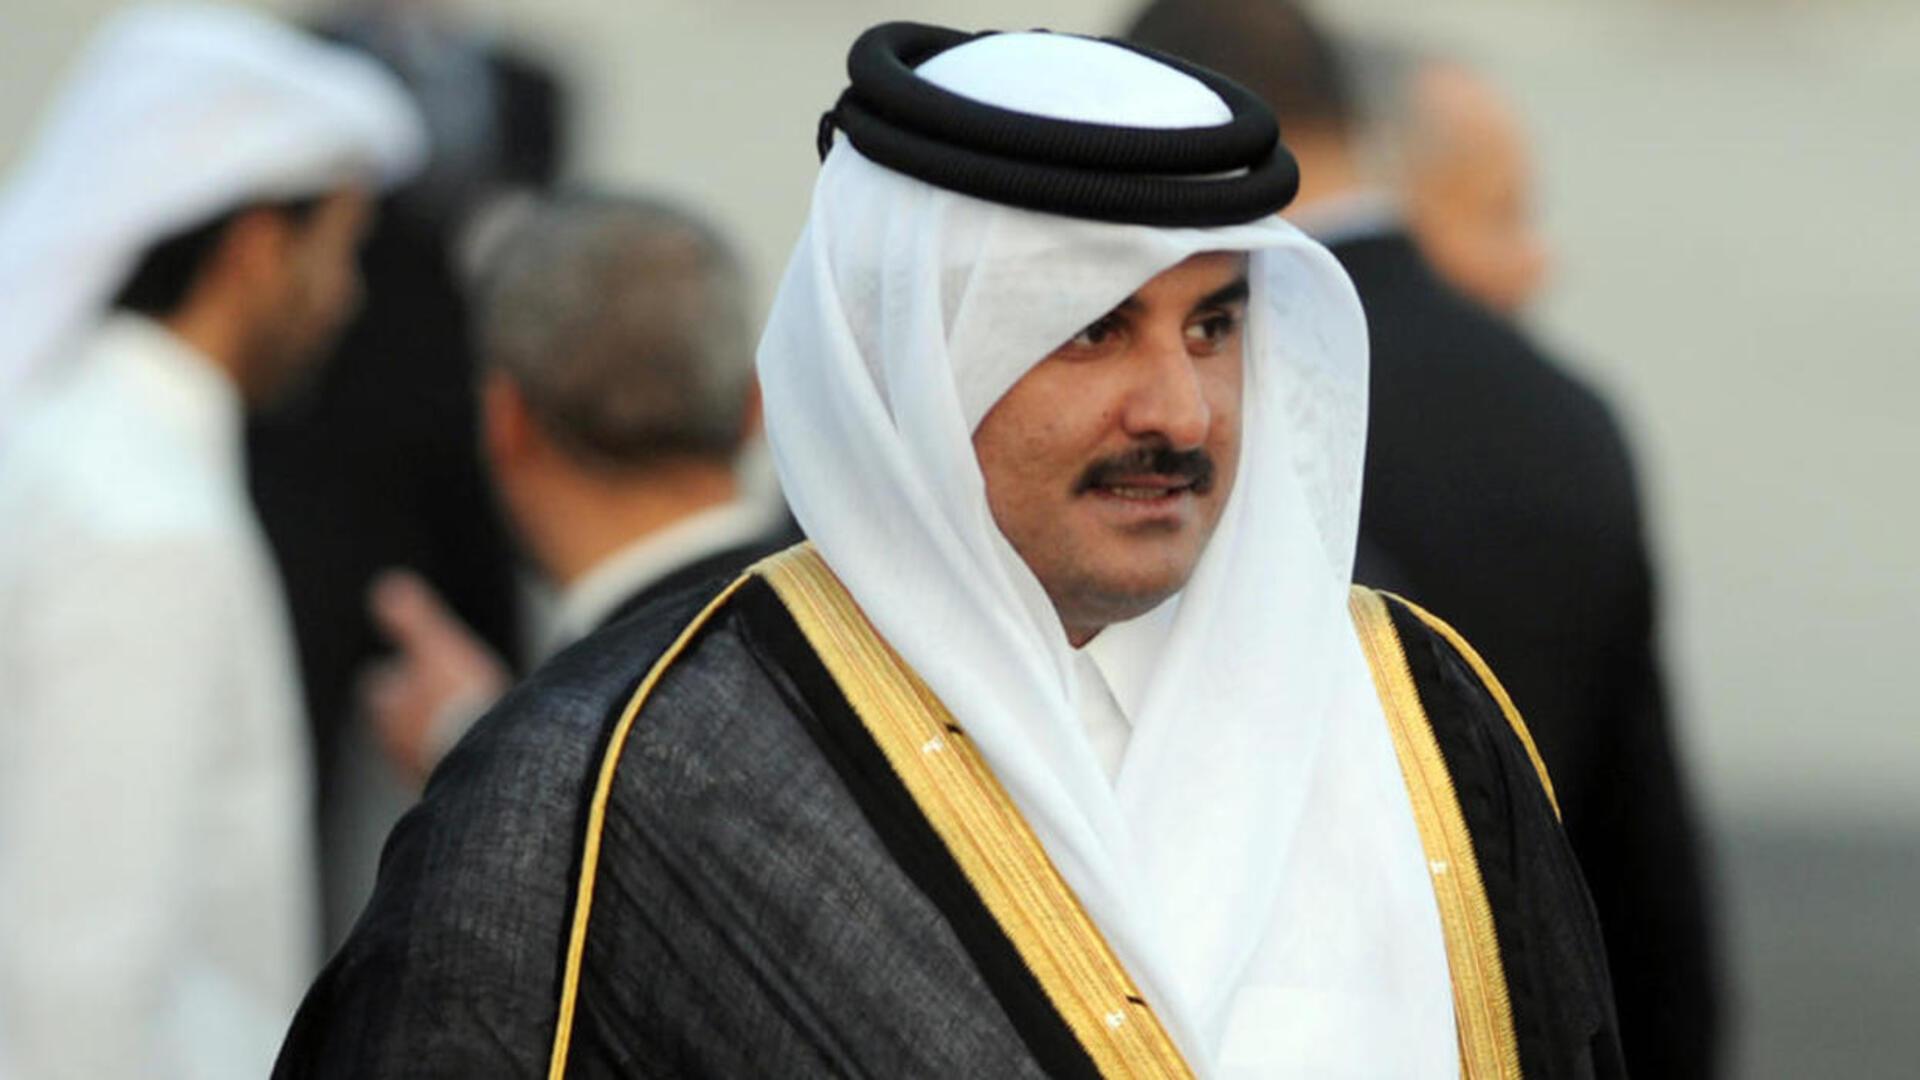 قطر تتهم السعودية بعرقلة مشاركتها في اجتماع حول فيروس كورونا بالرياض